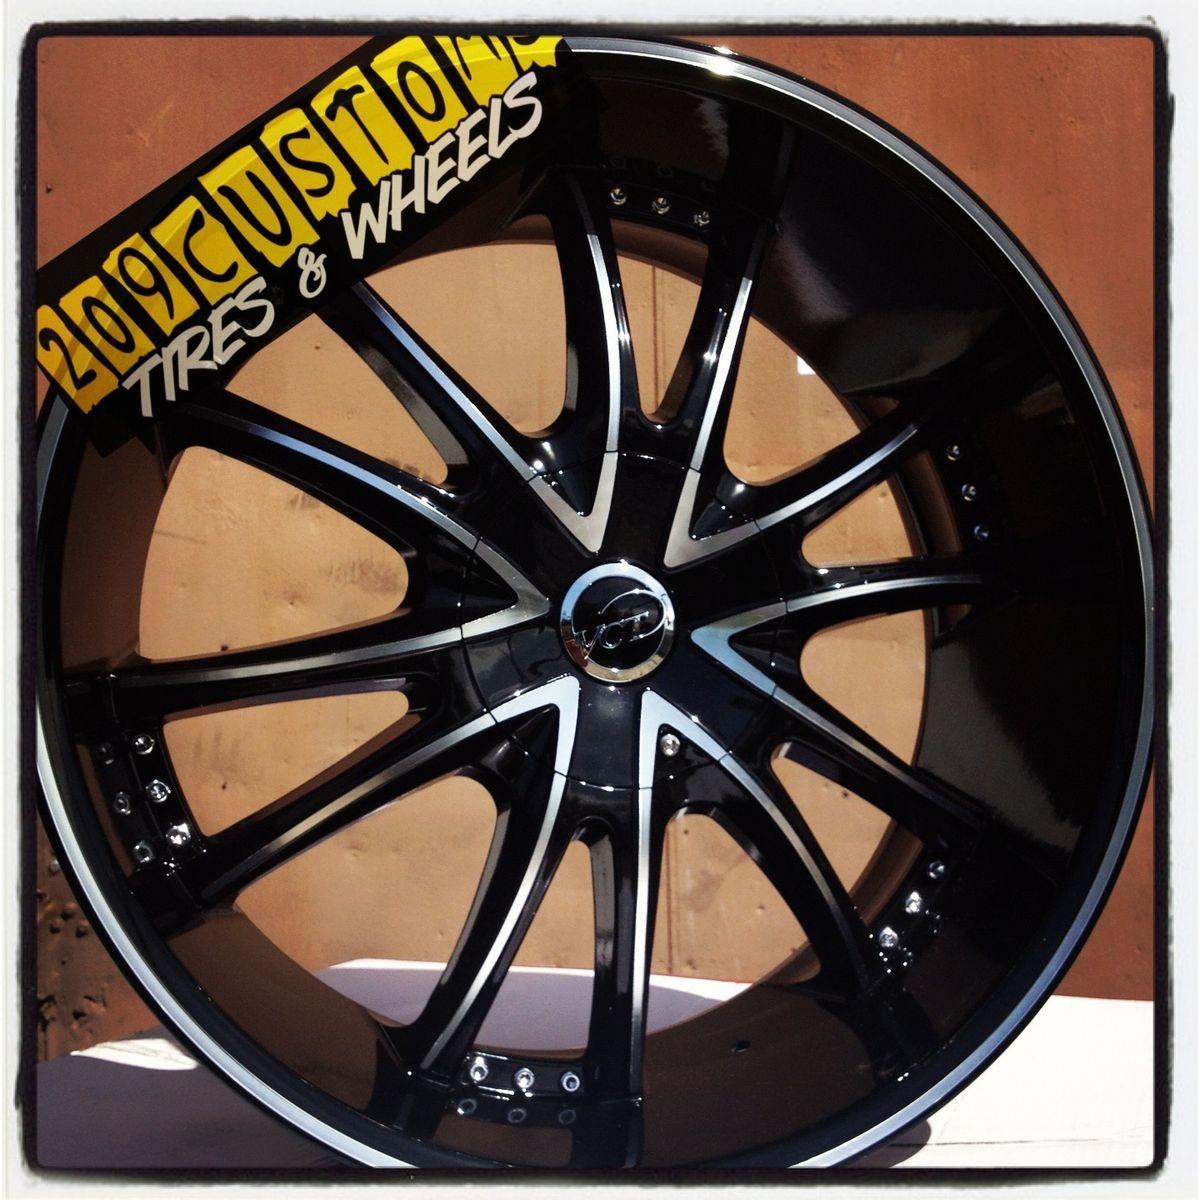 22 inch 22 Bossini VCT Black Wheels Rims Tires Blazer s 10 Camaro Z28